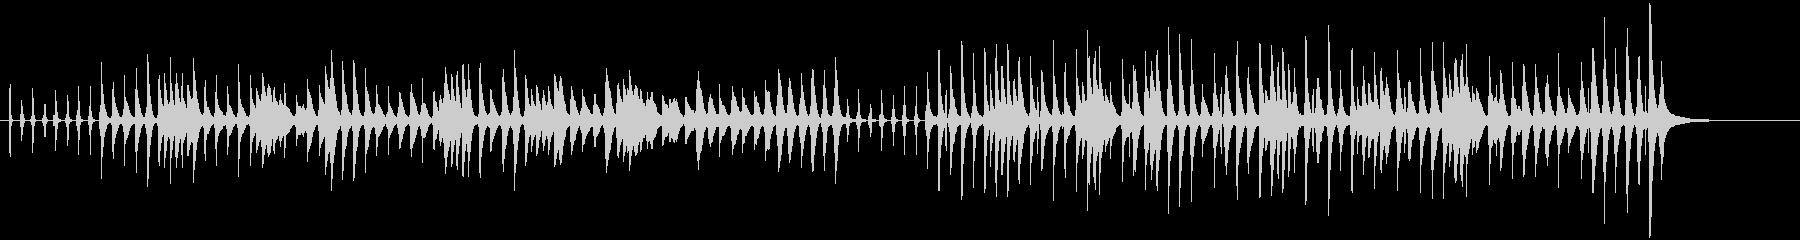 ピカピカ時計の未再生の波形